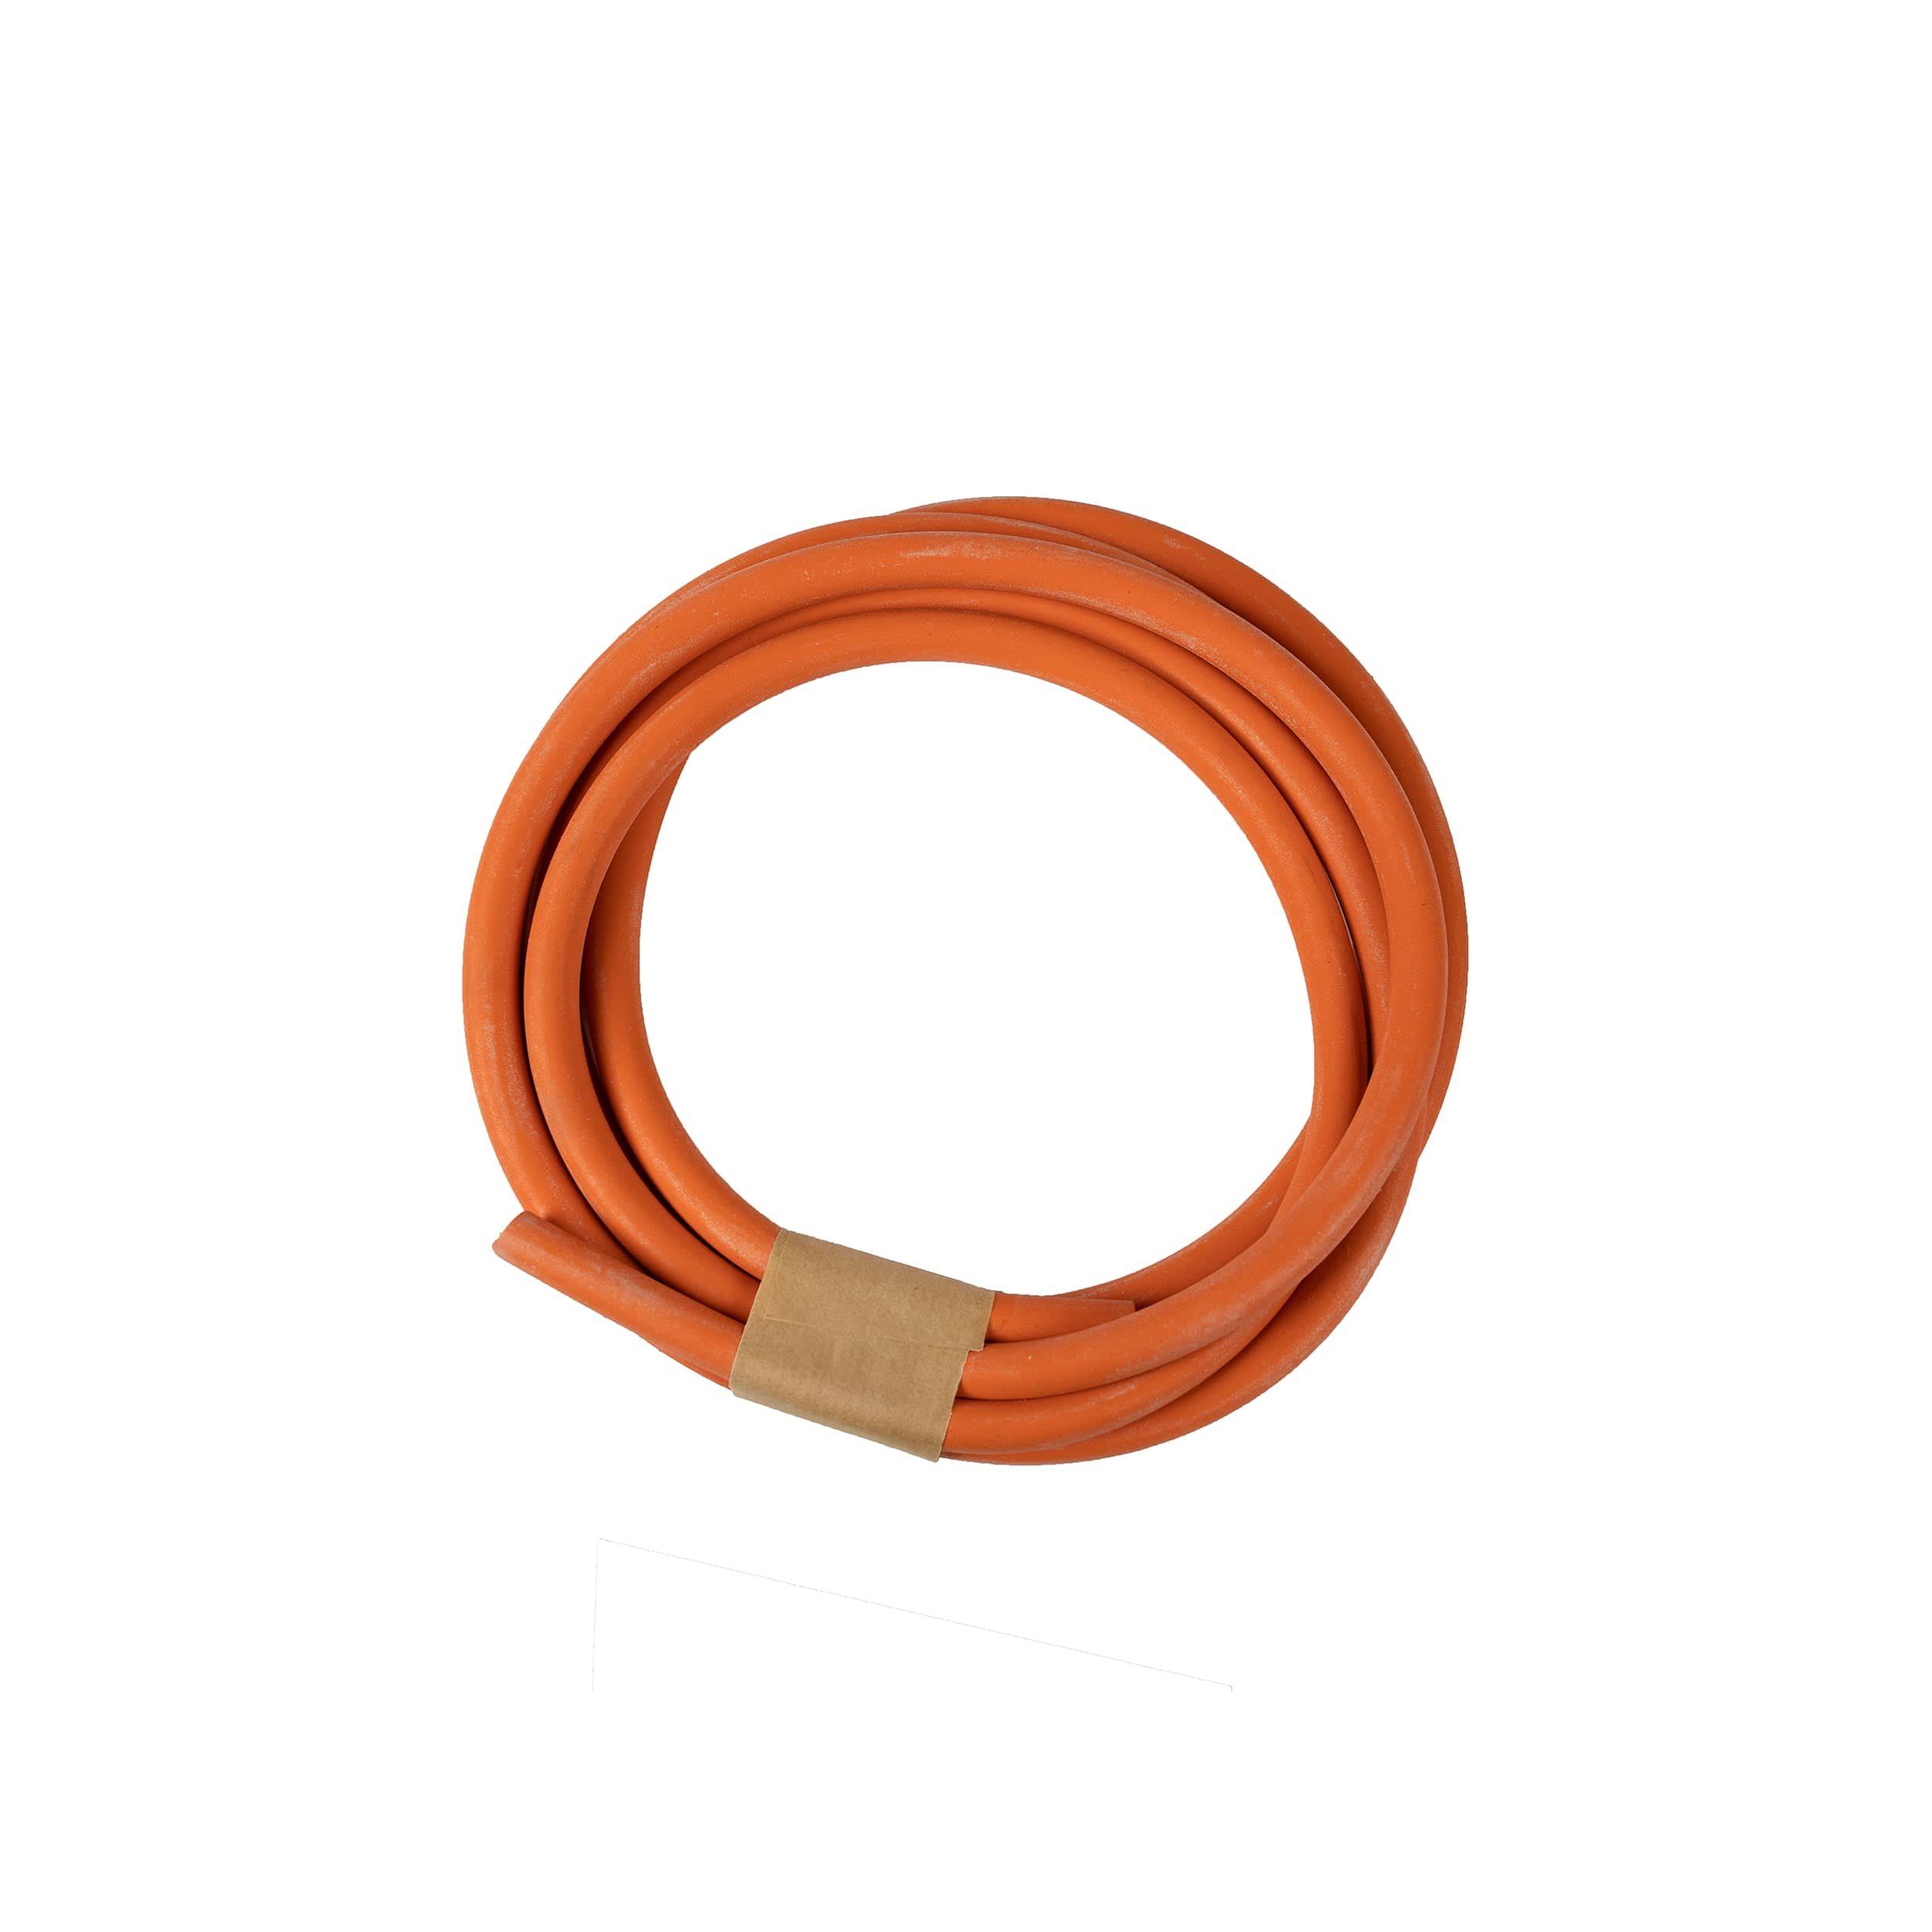 Hadice gumová oranžová 8mm x 2m